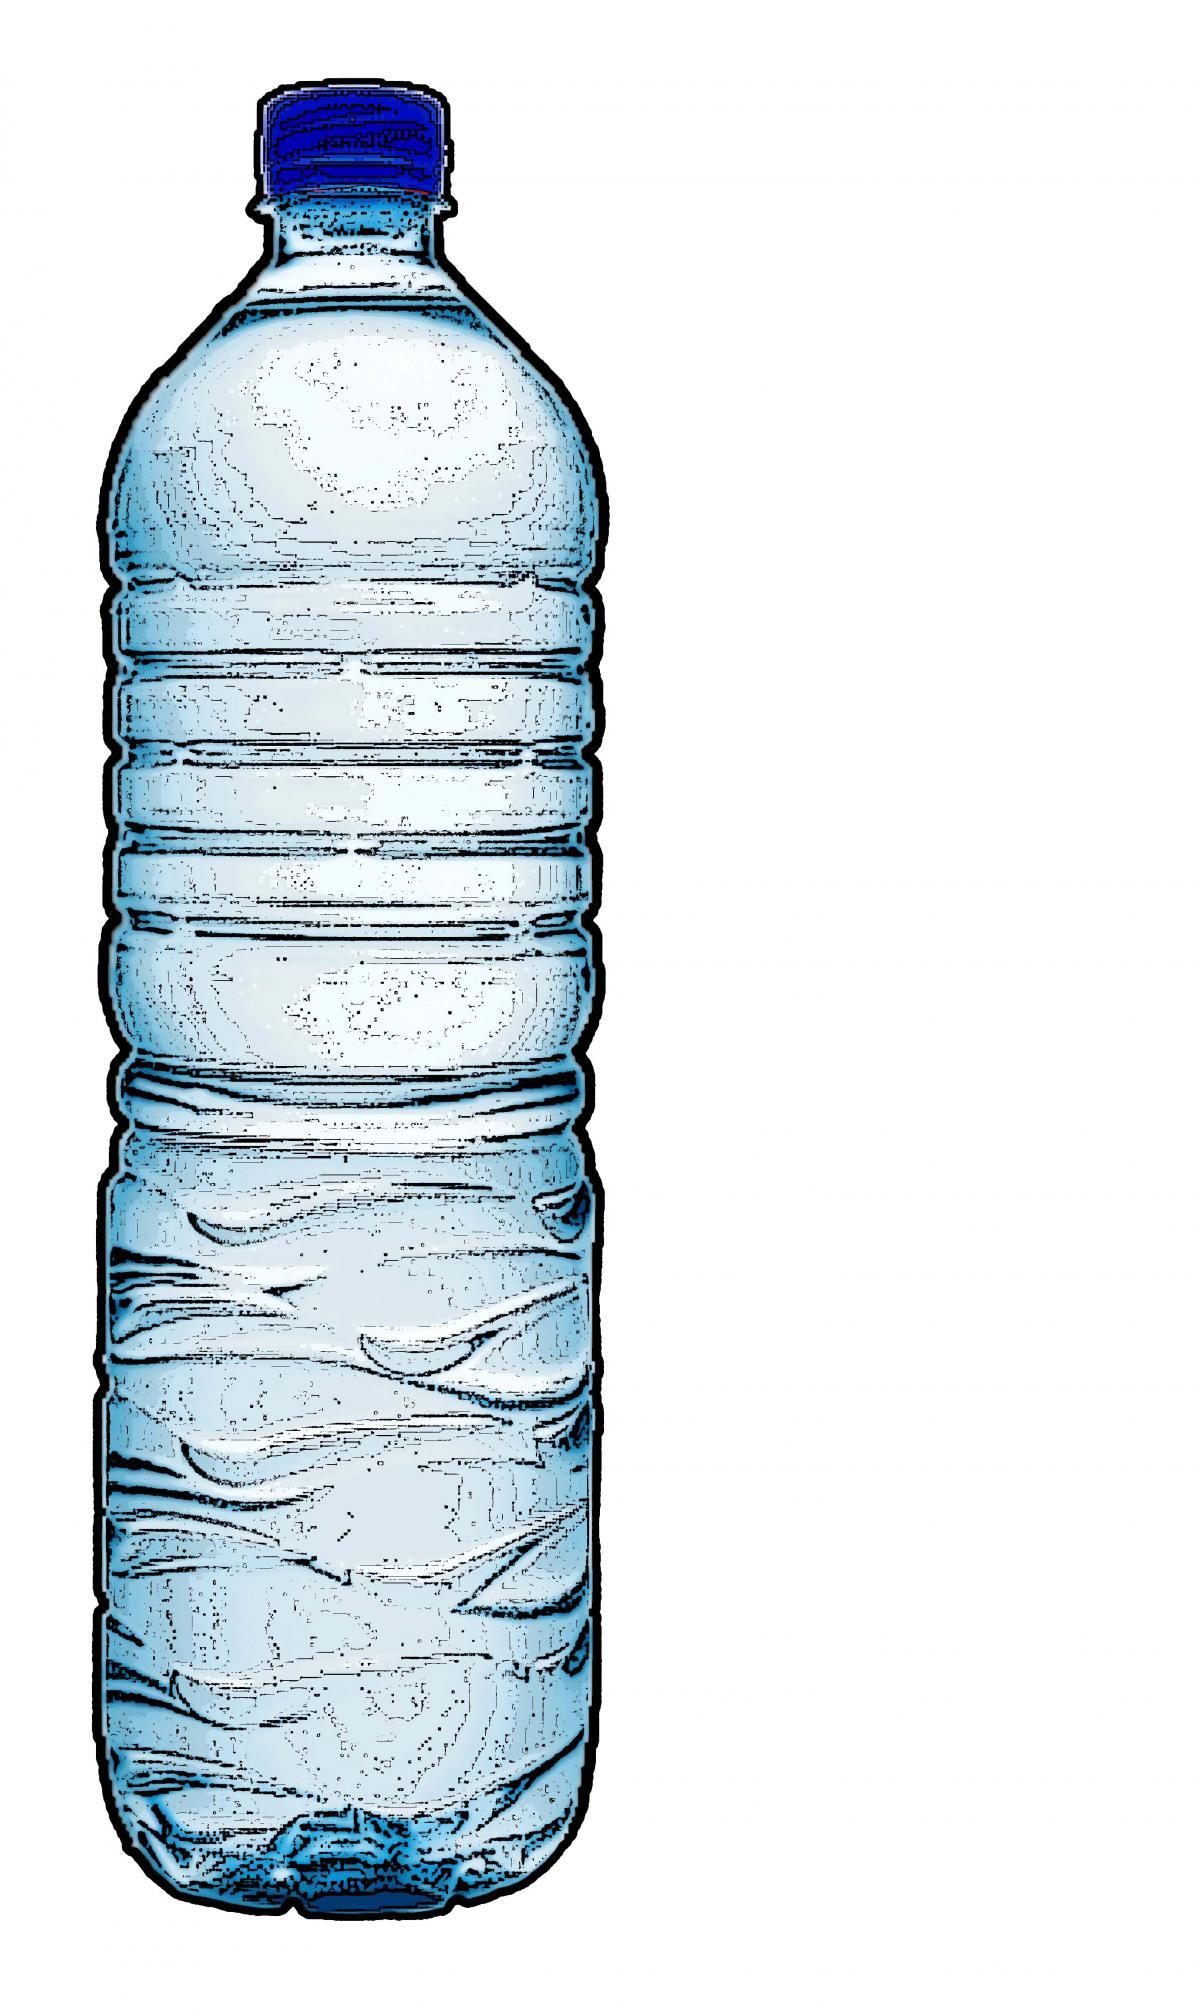 Objects - Water bottle - 01 - Sierra Leone